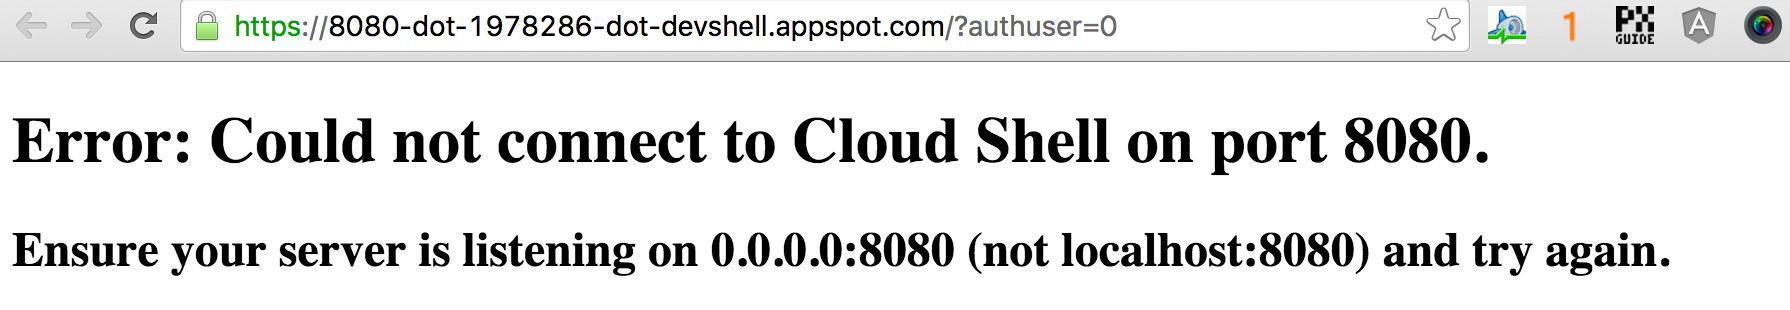 https___8080-dot-1978286-dot-devshell_appspot_com__authuser_0_error.png